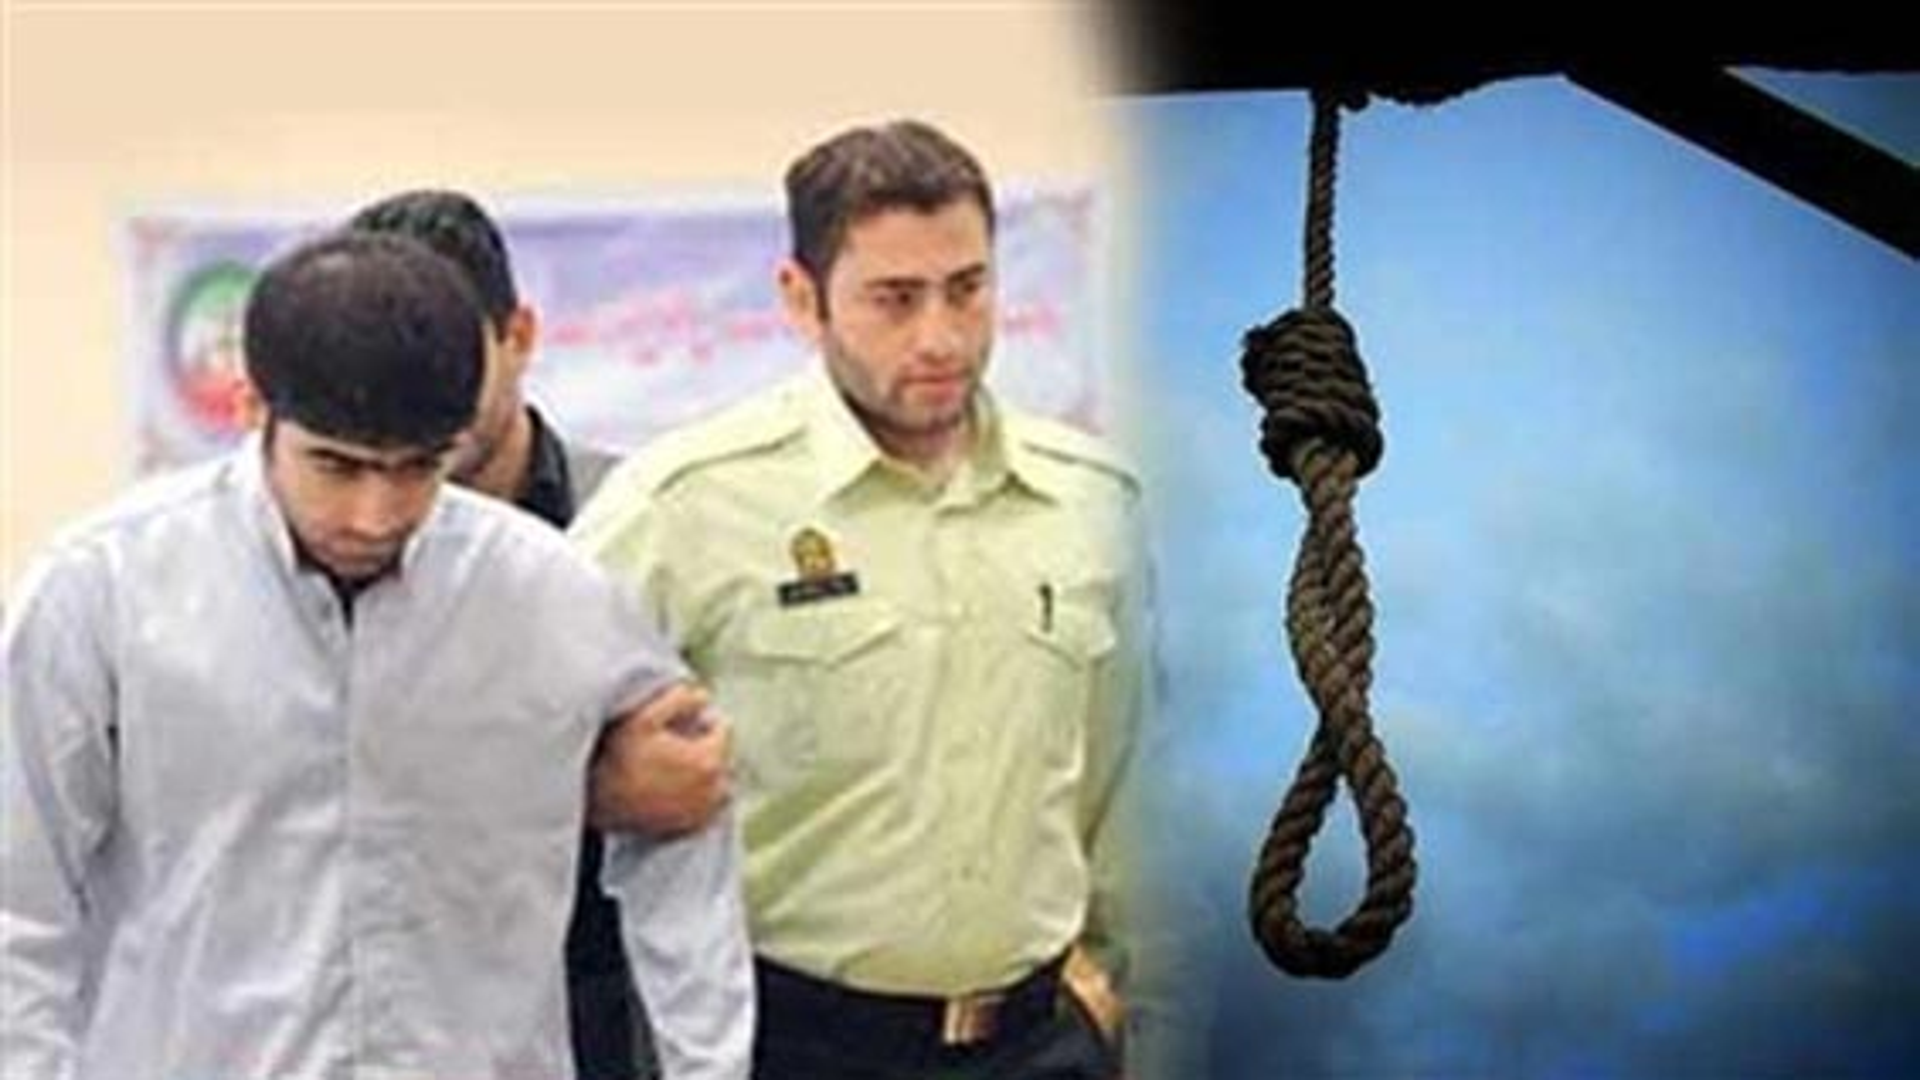 مصاحبه با قاتل شهید علیمحمدی پیش از اعدام | فیلم